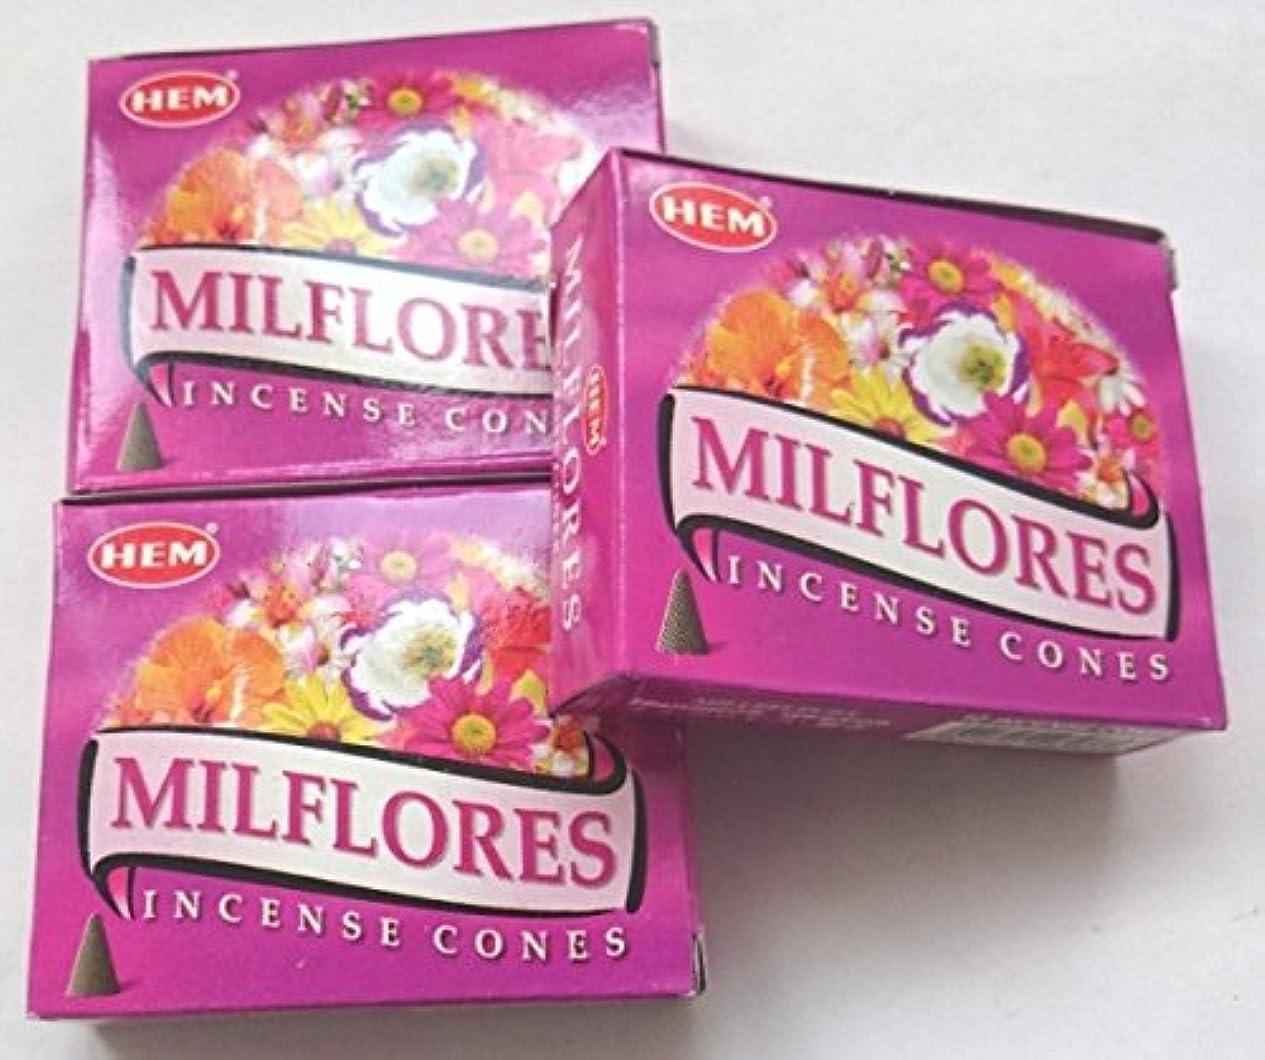 バラエティ影響する有利HEM(ヘム)お香 ミルフローレス コーン 3個セット